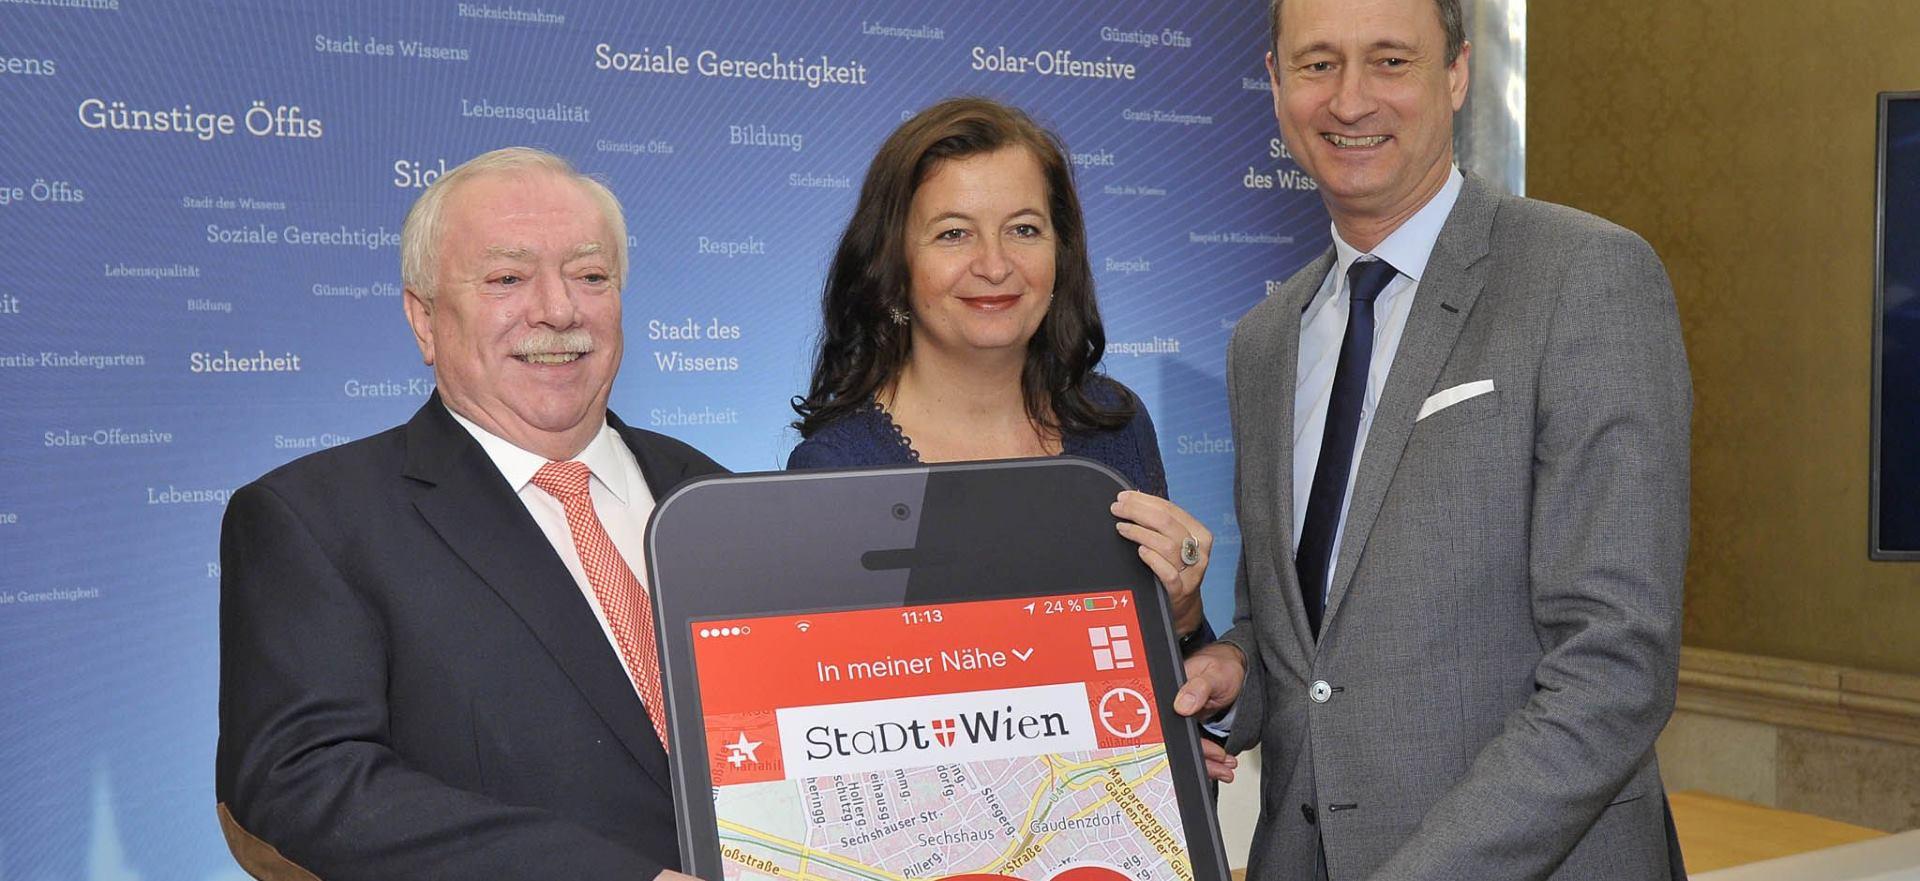 Digitalizacijom javnih poslova Grad Beč želi povećati moć participacije građana